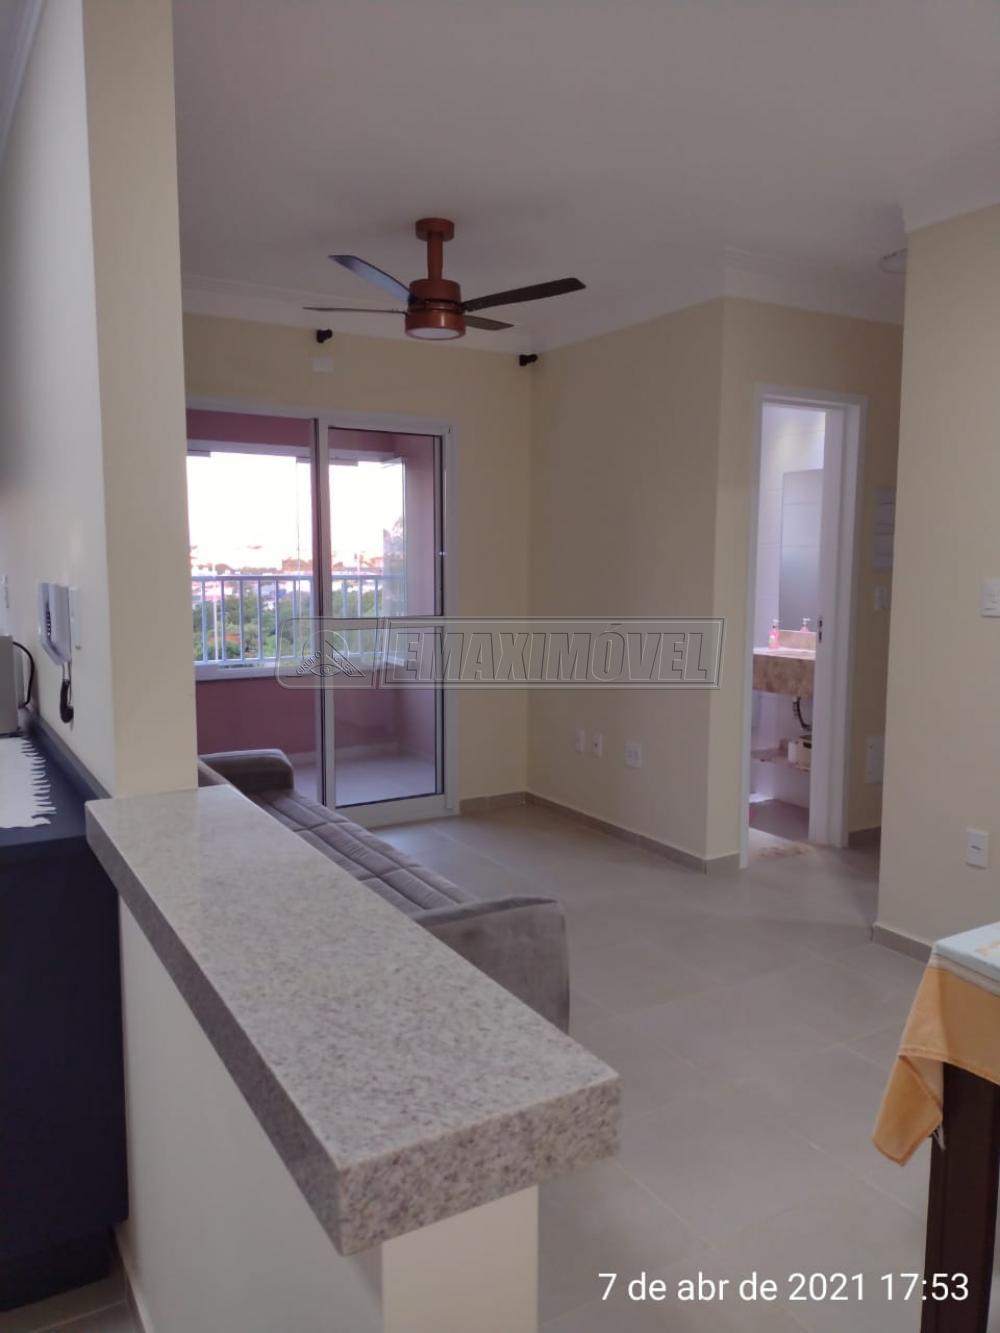 Comprar Apartamentos / Apto Padrão em Sorocaba R$ 280.000,00 - Foto 7